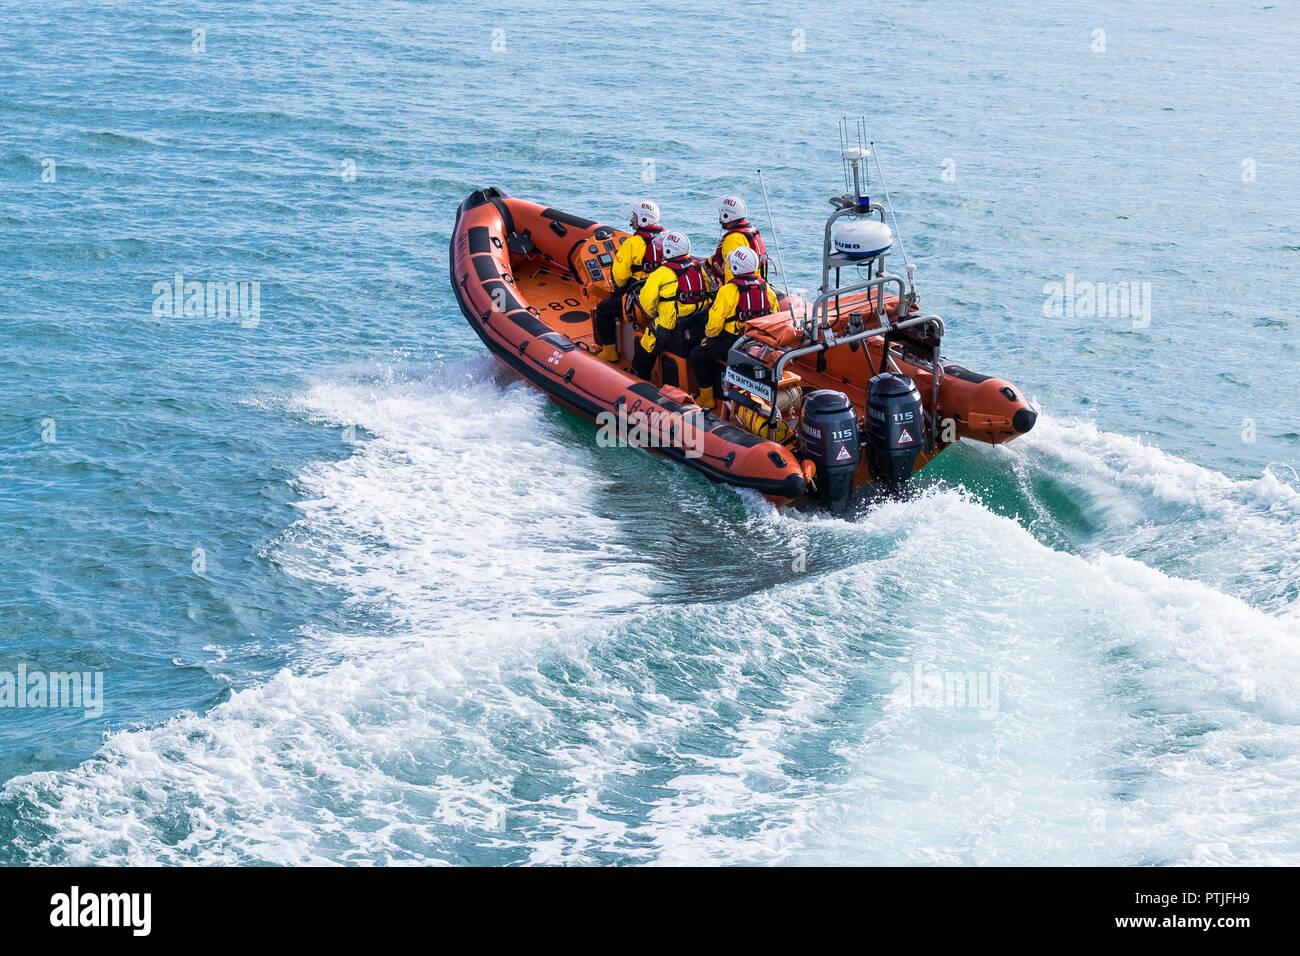 Volontari di Newquay RNLI equipaggio che partecipano a un GMICE buona medicina in ambienti impegnativi grave incidente esercizio di Newquay in Cornovaglia. Immagini Stock